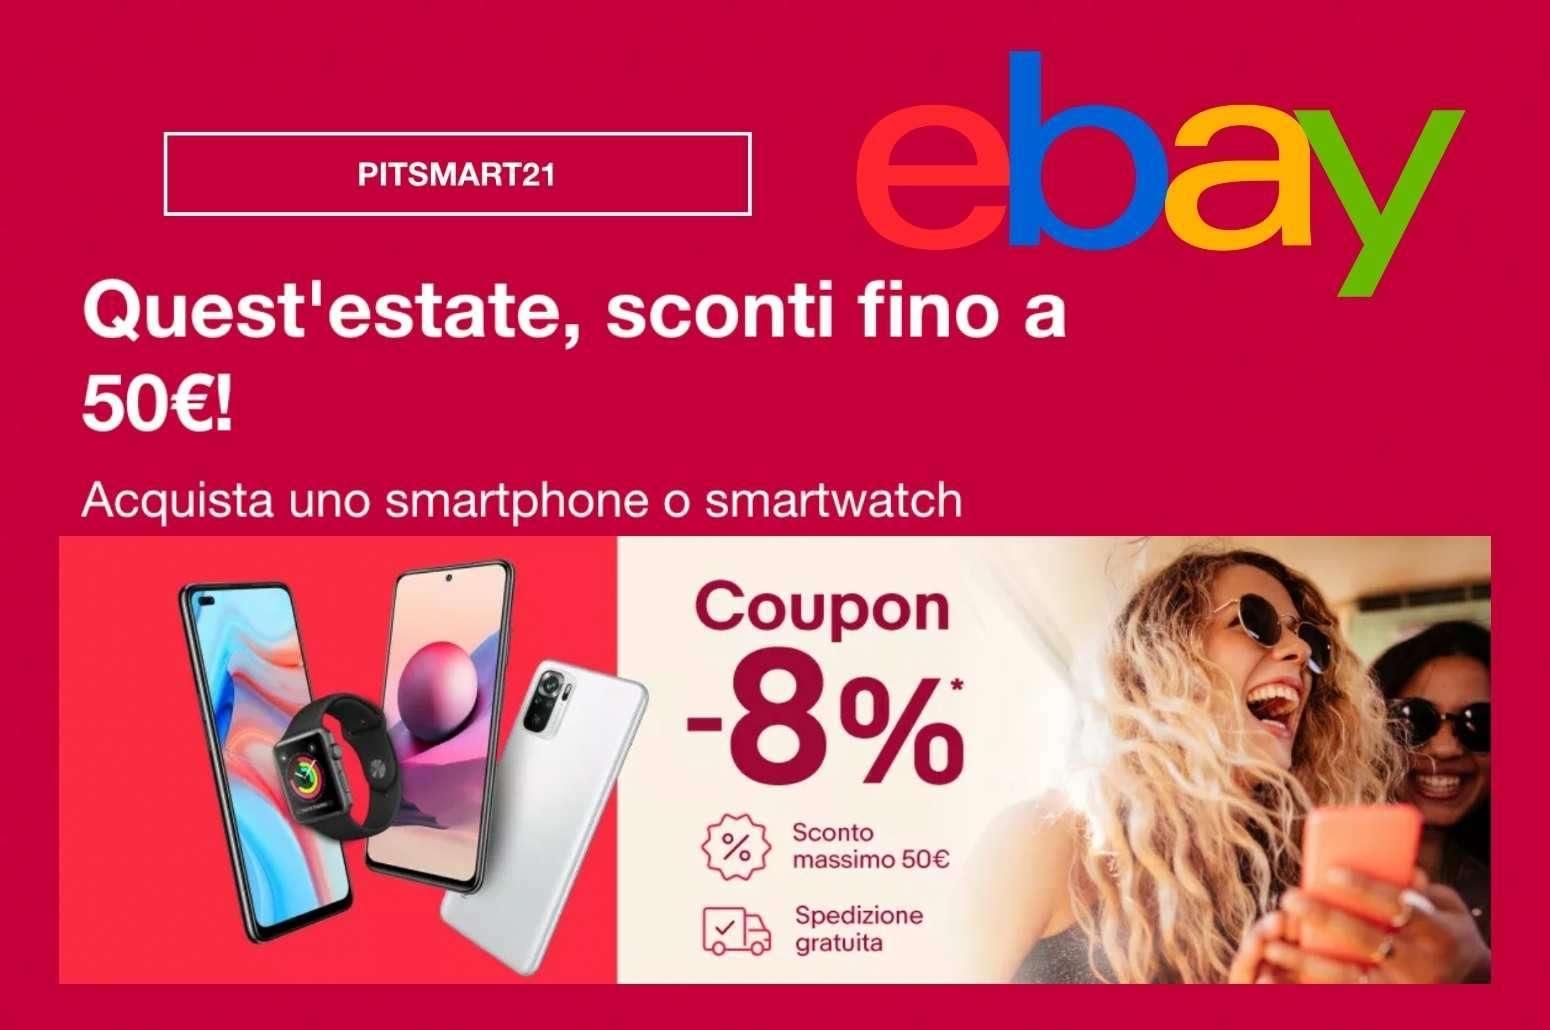 Nuovo codice sconto ebay risparmia l'8% su Smartphone e Smartwatch già scontati GosuManiNuovo codice sconto ebay risparmia l'8% su Smartphone e Smartwatch già scontati GosuMania